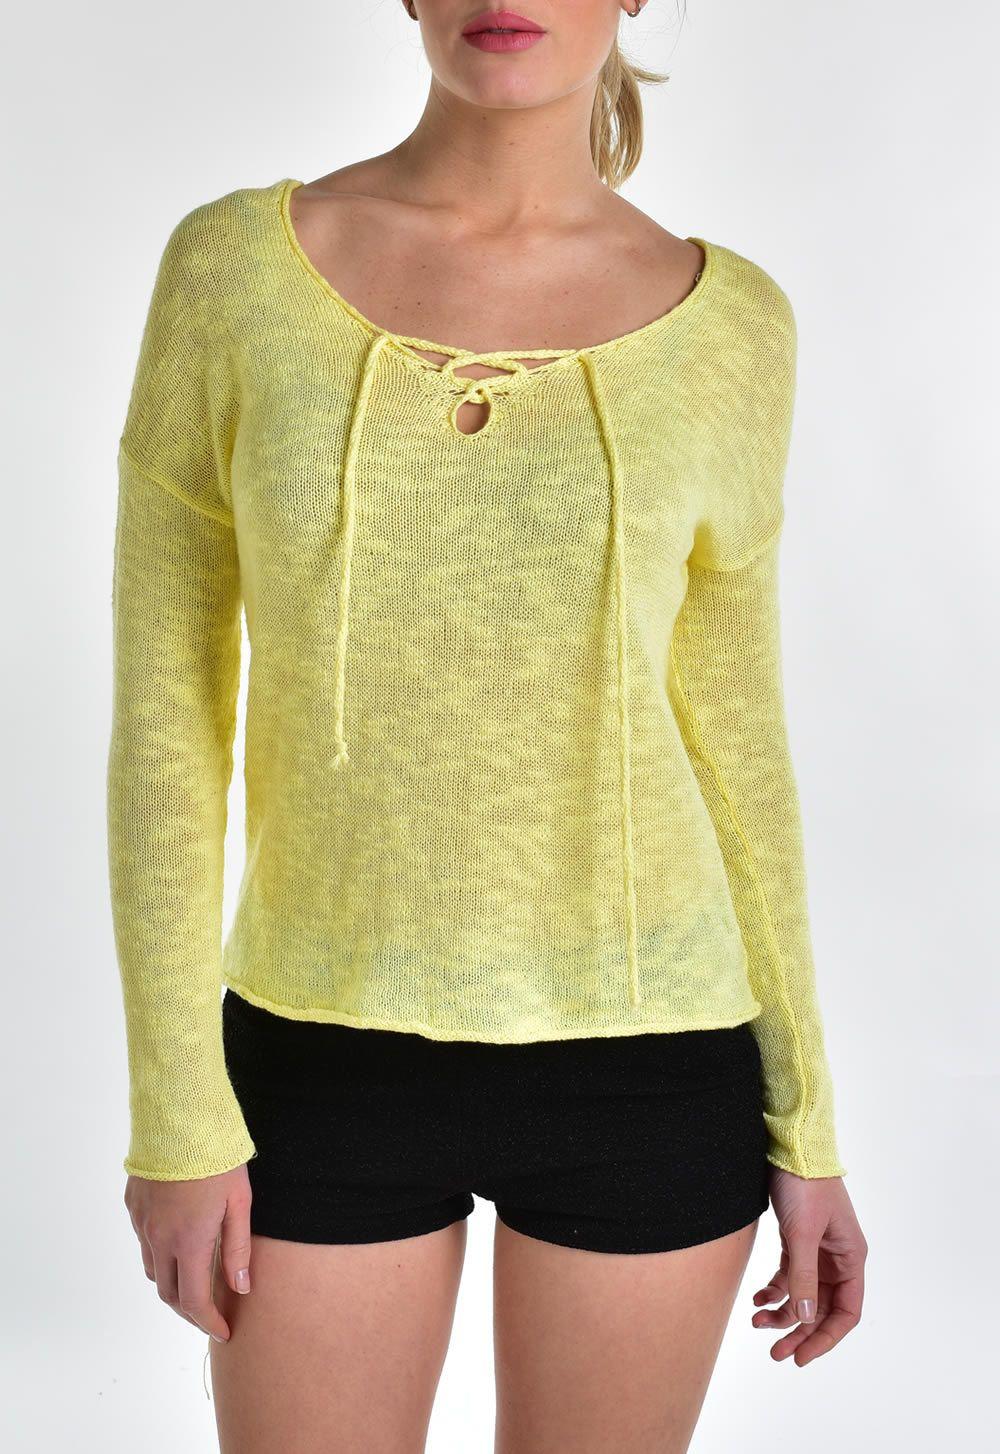 043a39d663f5 Sweater acordonado - varios colores - venta online - indumentaria ...